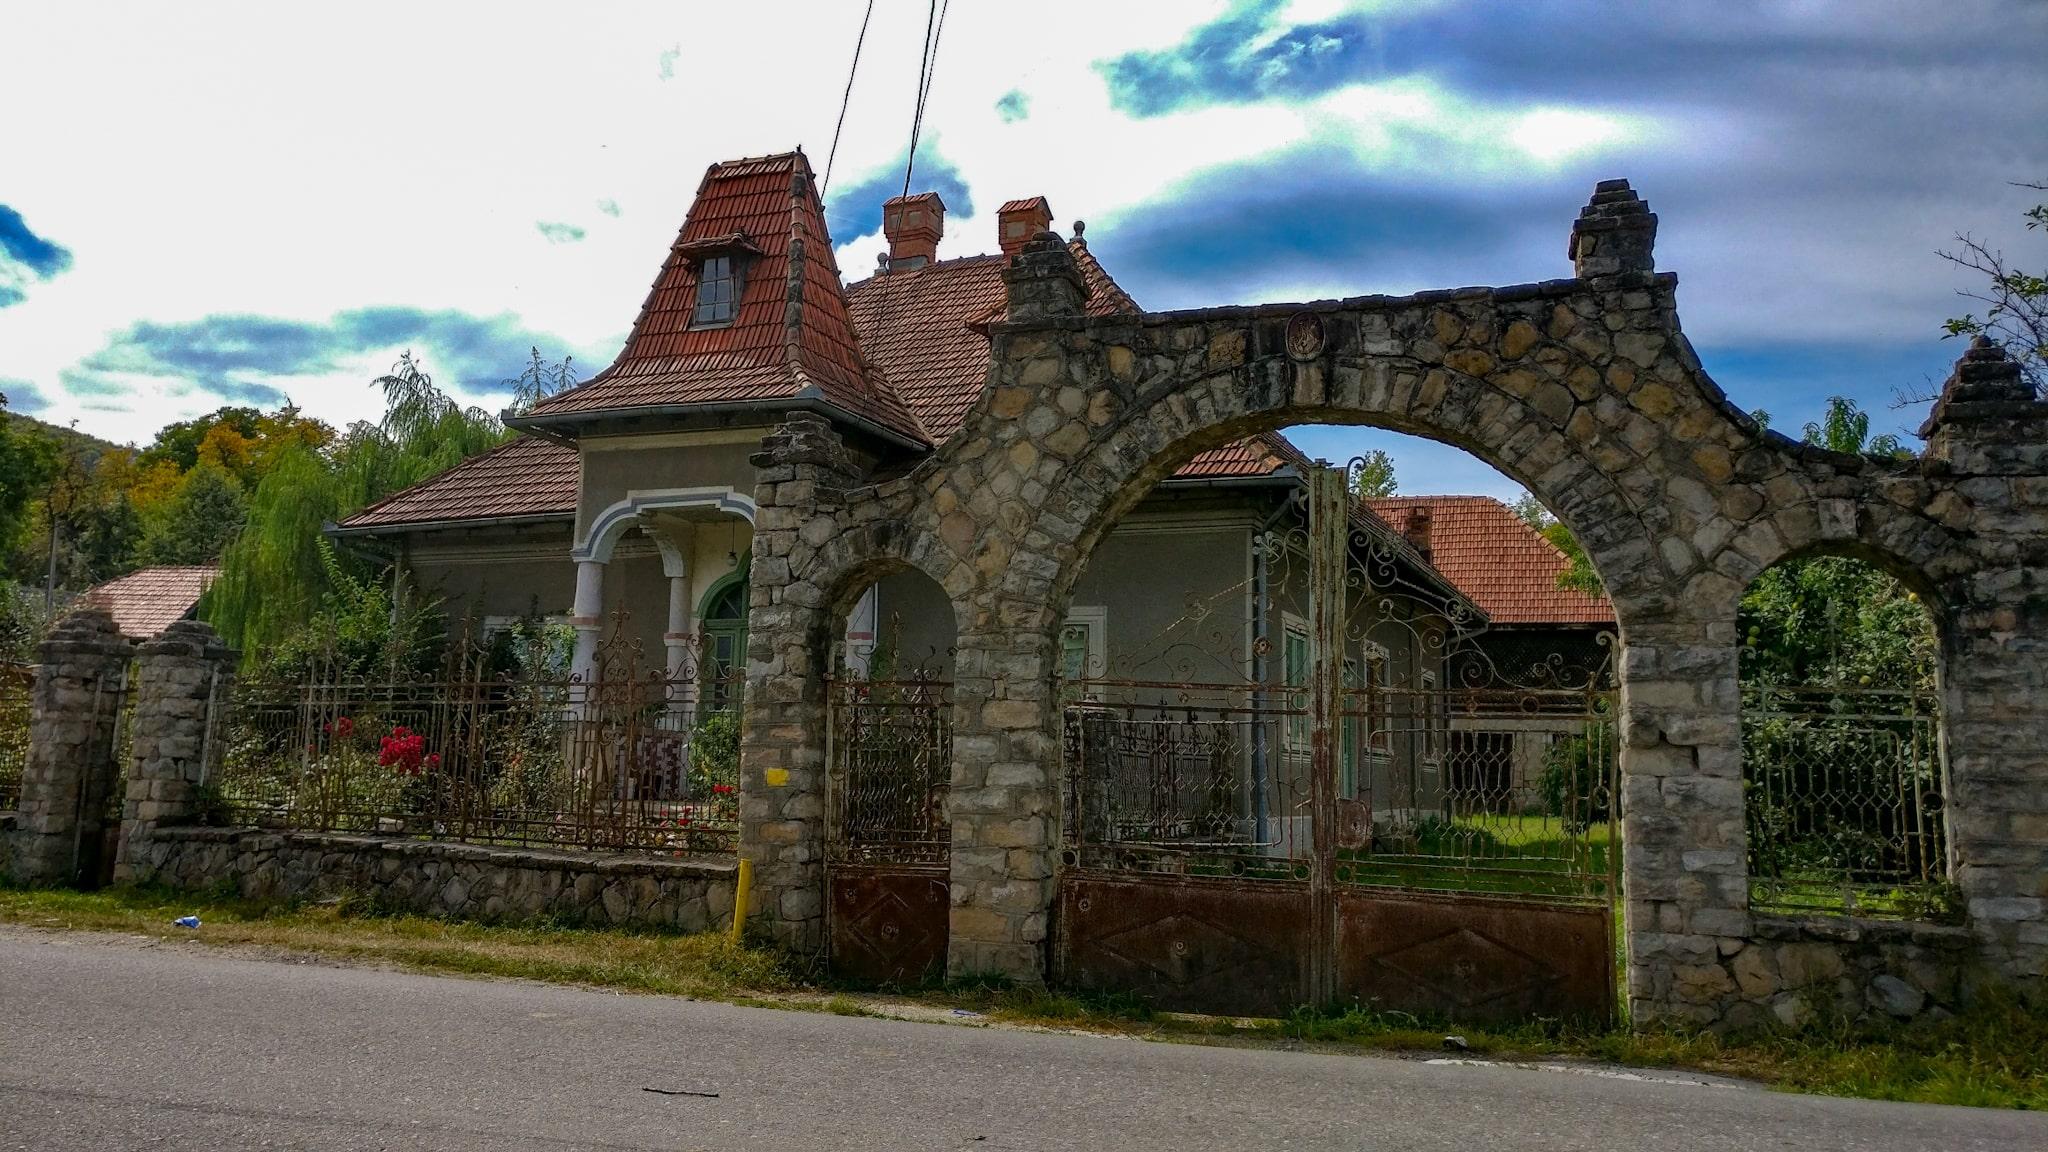 Doar una dintre casele vechi din zona